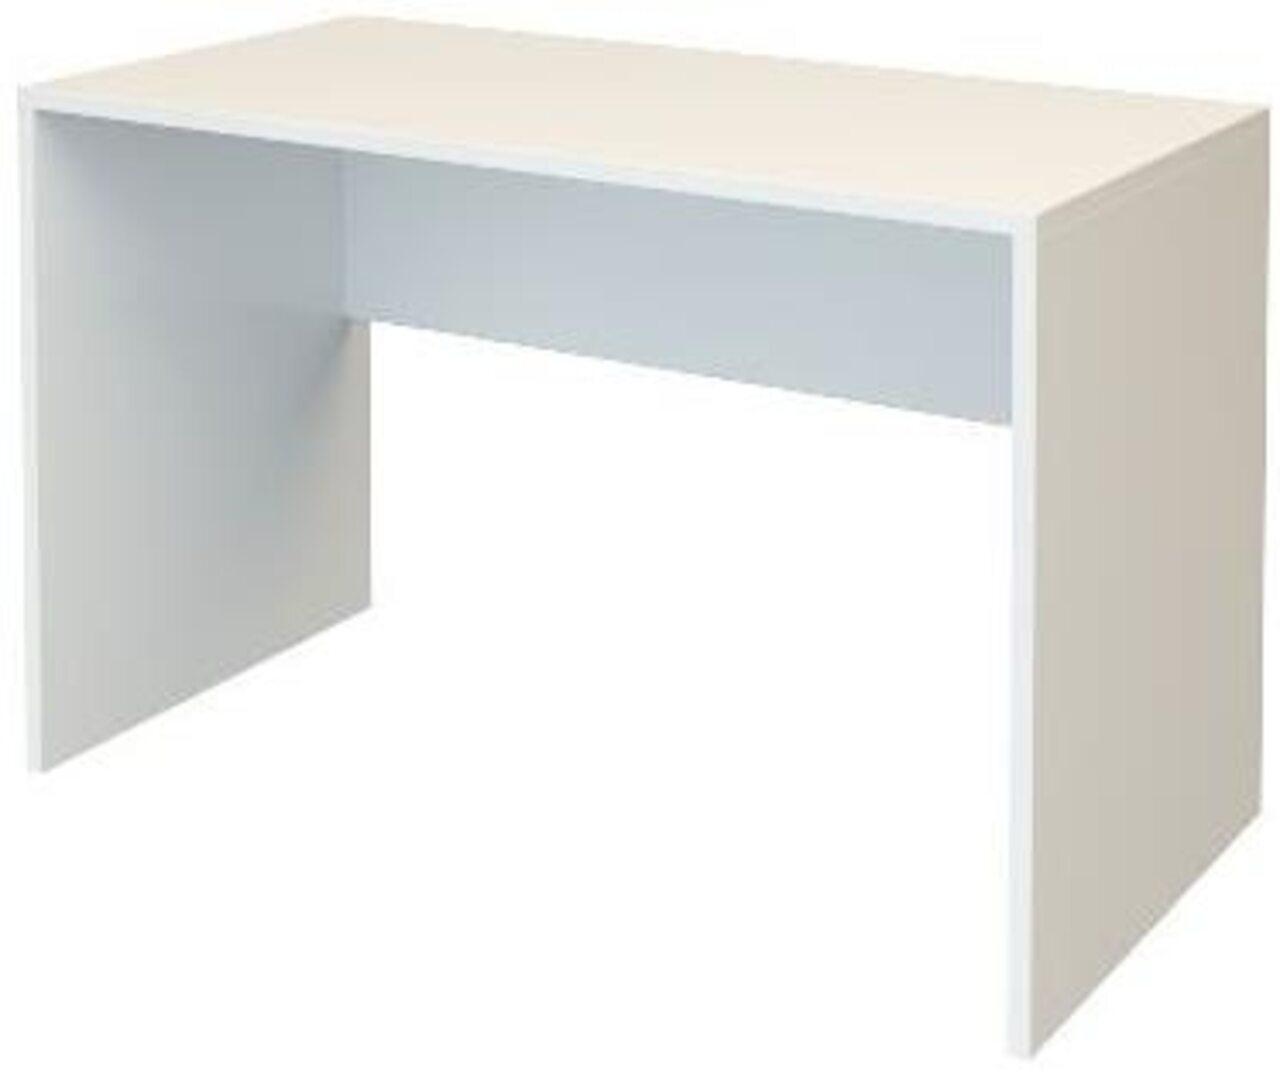 Стол рабочий  Арго 120x60x76 - фото 1